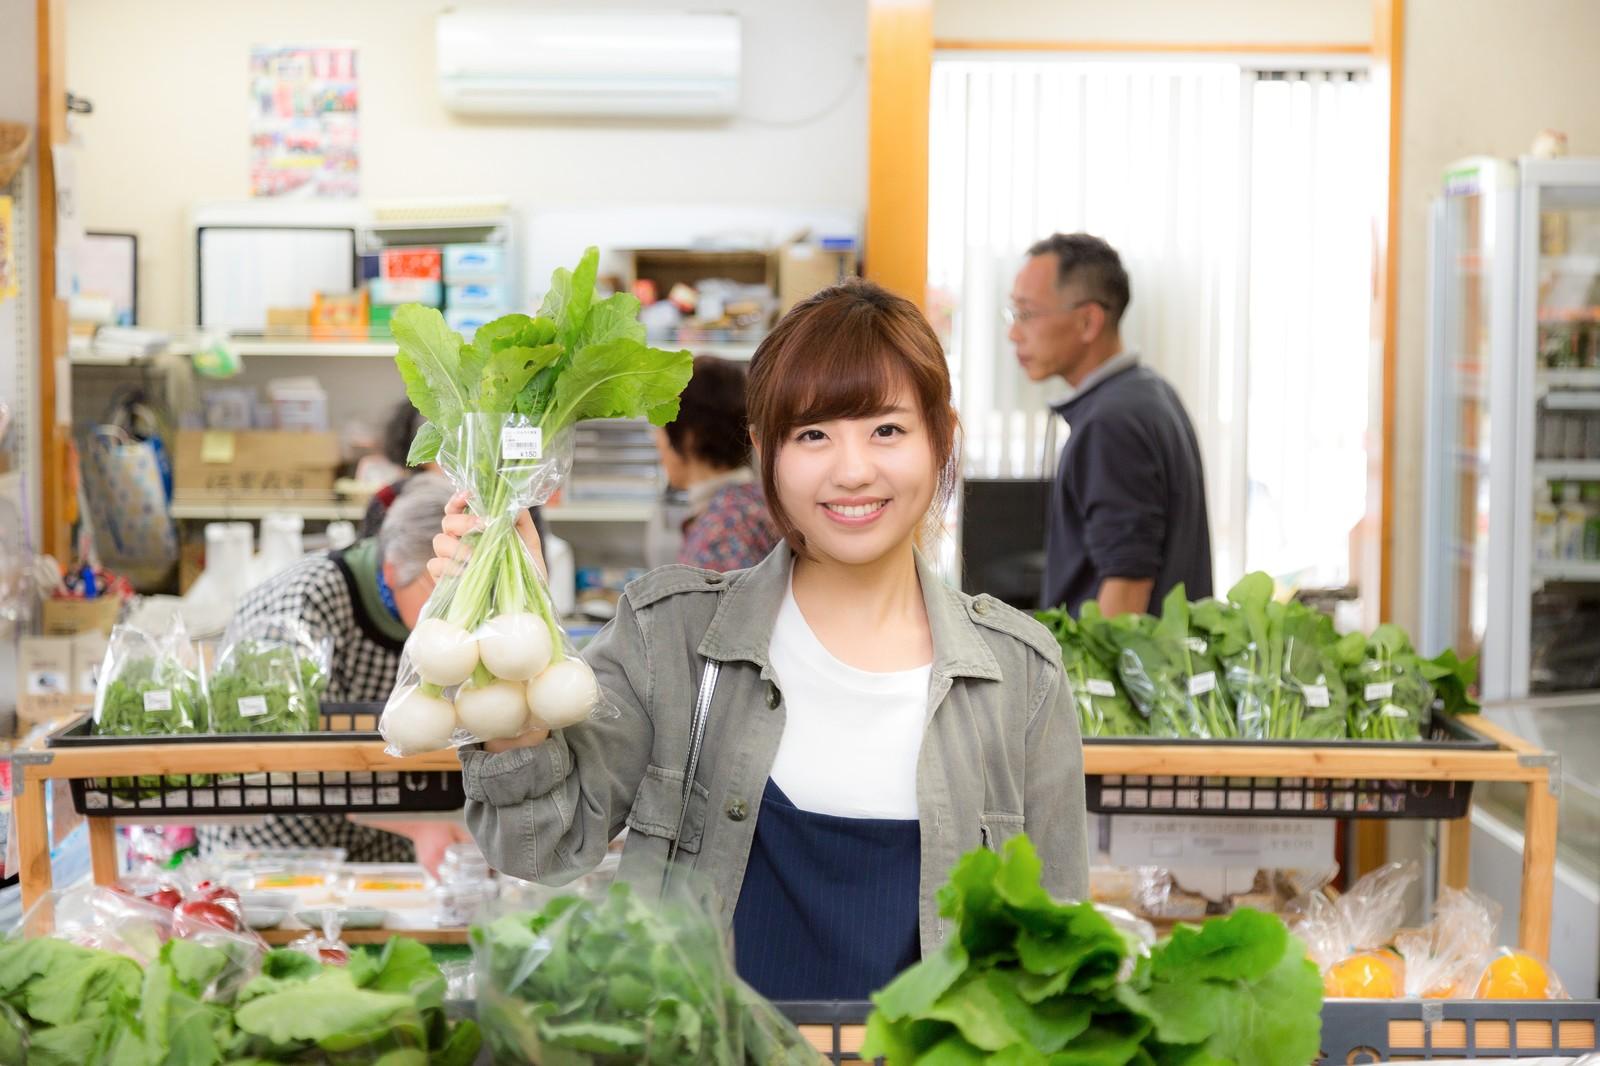 「株あがれー」の笑顔で店主のお株を奪う女性観光客とふれあい市場の様子のフリー画像(写真)